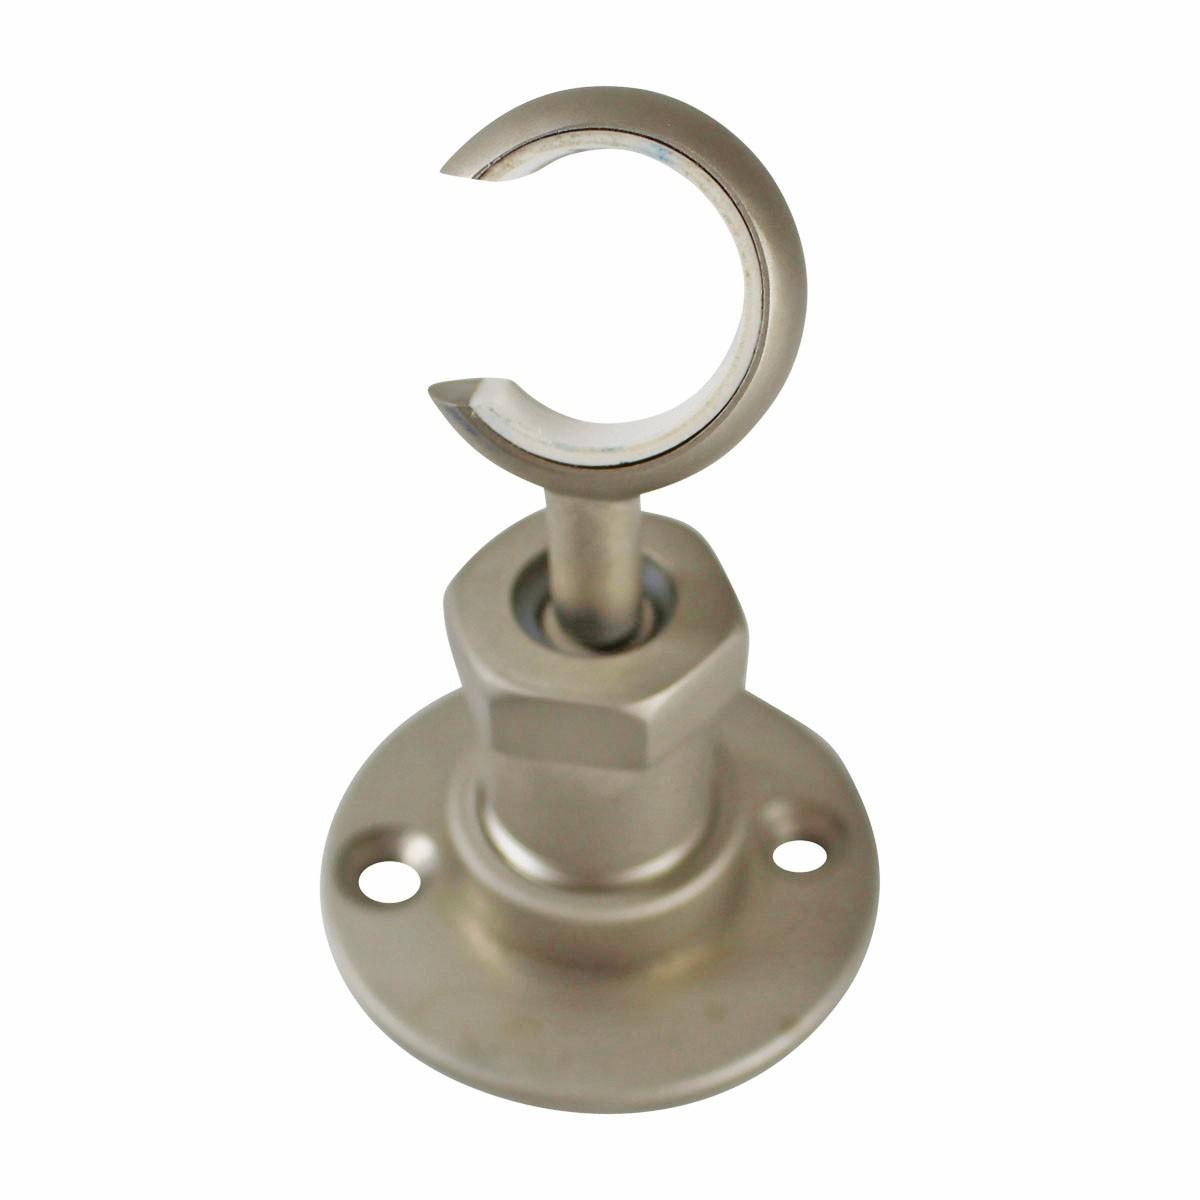 TwistIn Bracket Satin Nickel Shower Part Replacement Shower Wall Bracket Shower Head Bracket Holder Shower Head Bracket Chrome